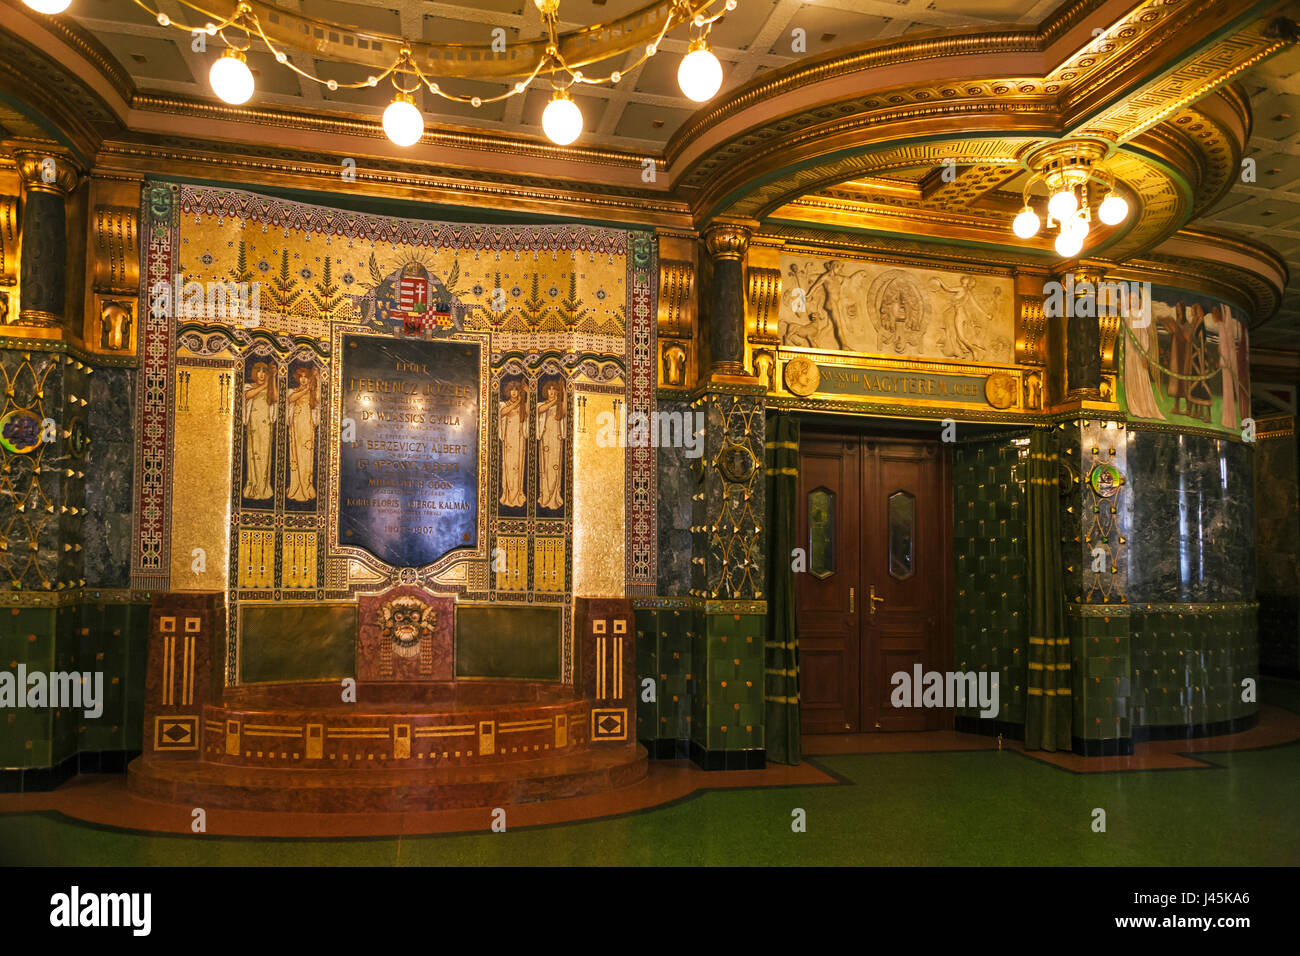 jugendstil interieur von liszt musikakademie liszt ferenc tr teresienstadt budapest ungarn